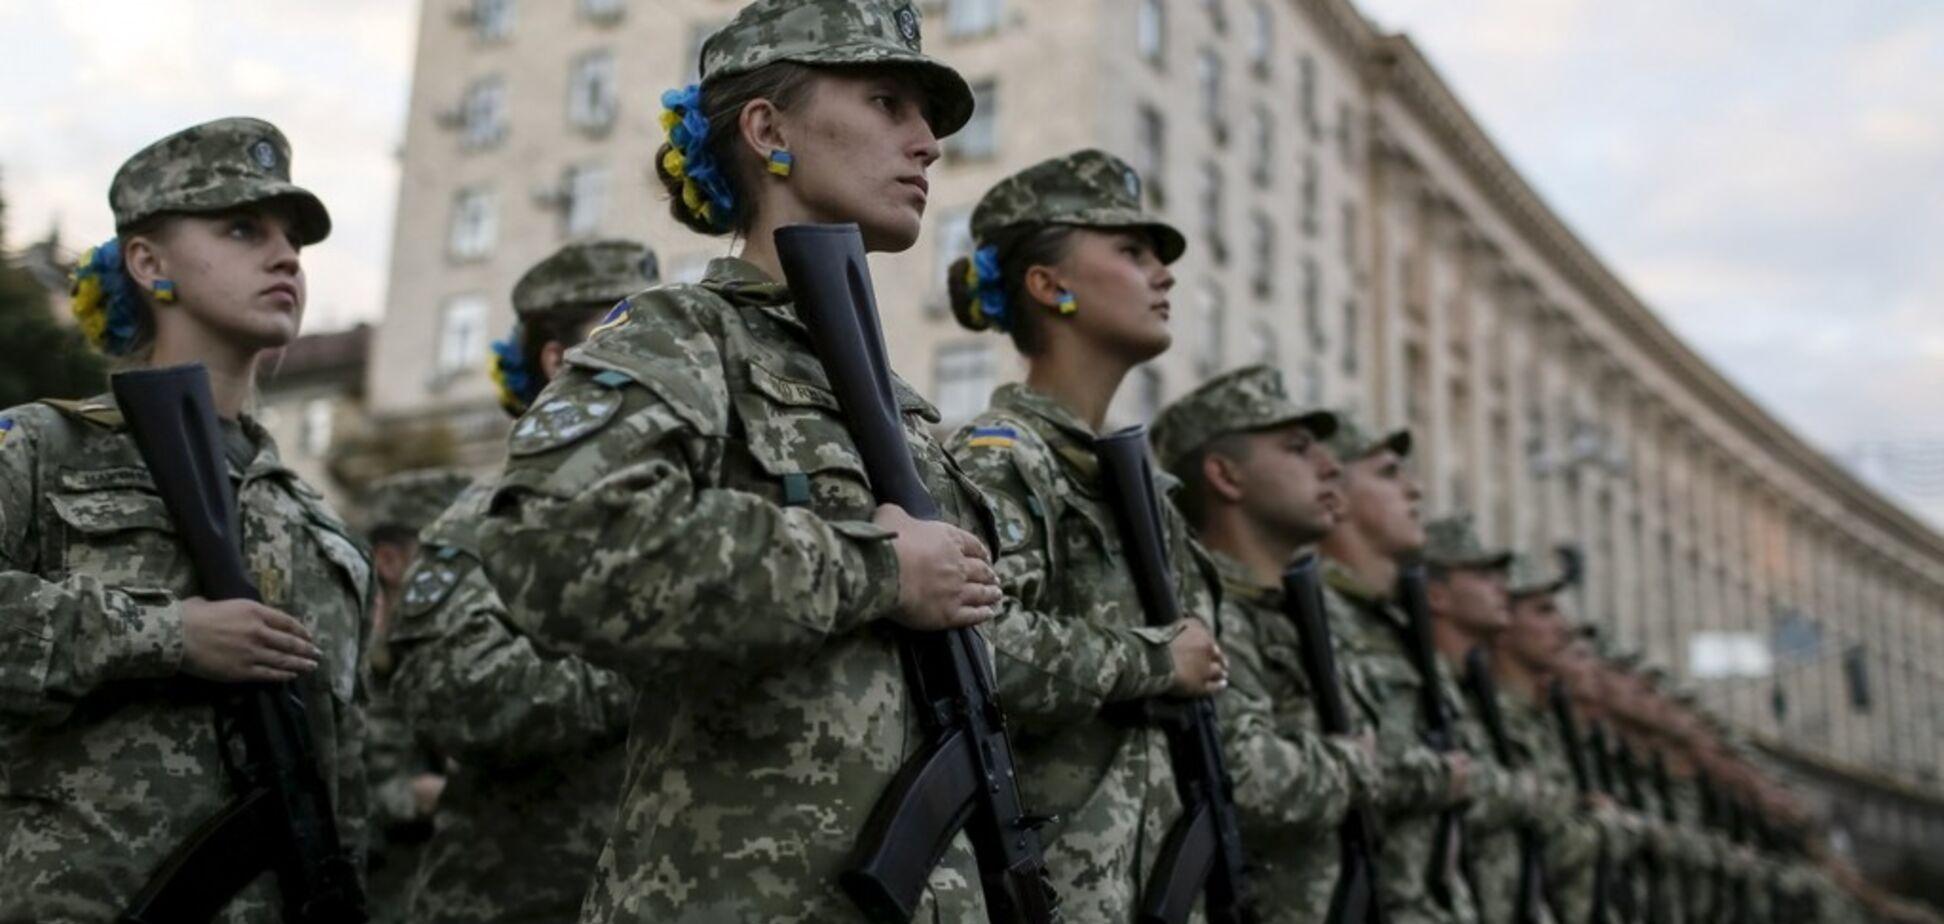 Стандарты НАТО: нардеп рассказала, как теперь будут воевать украинские женщины